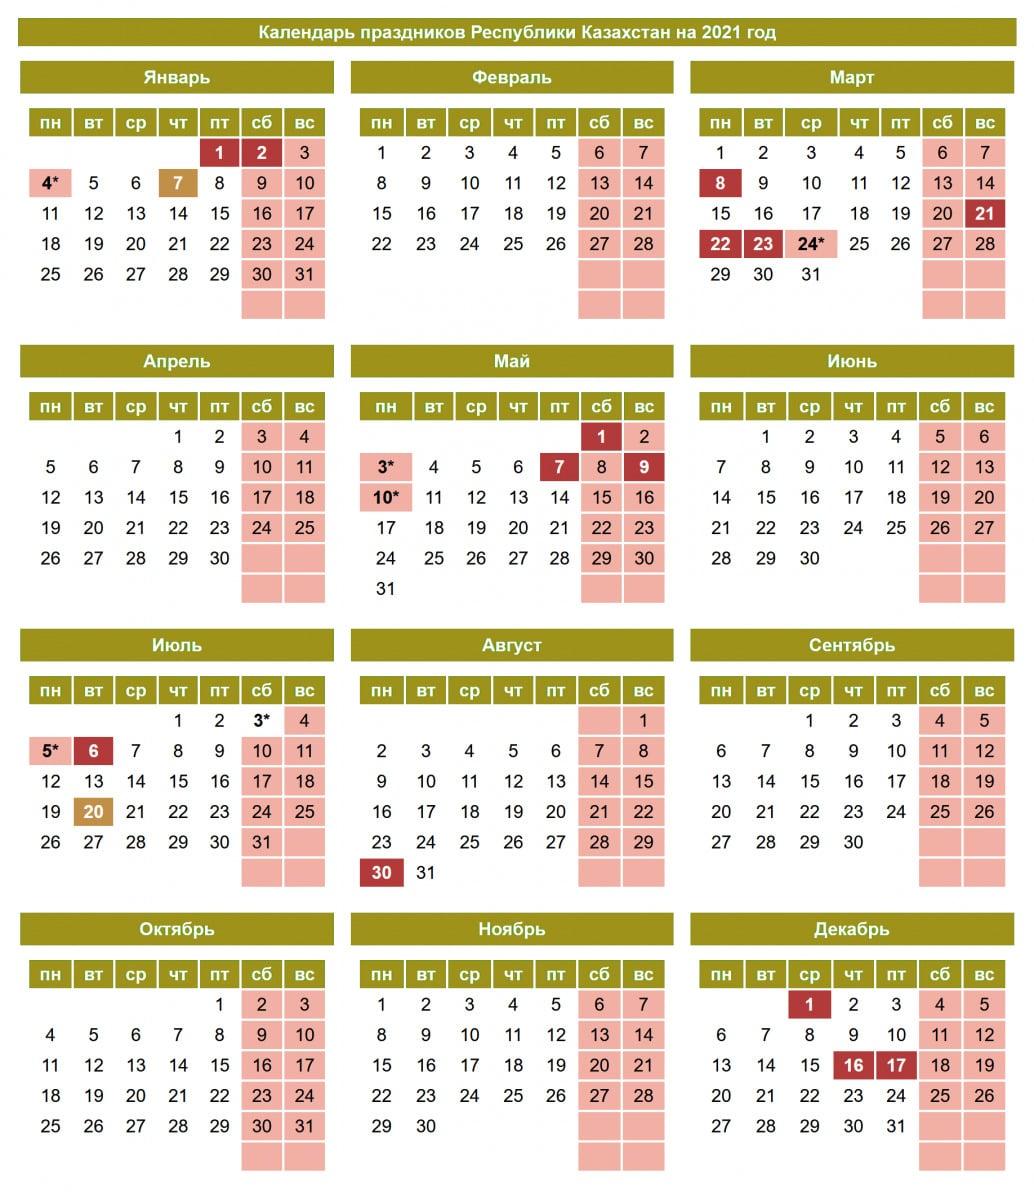 Праздничные и выходные дни в Республике Казахстан в 2021 году